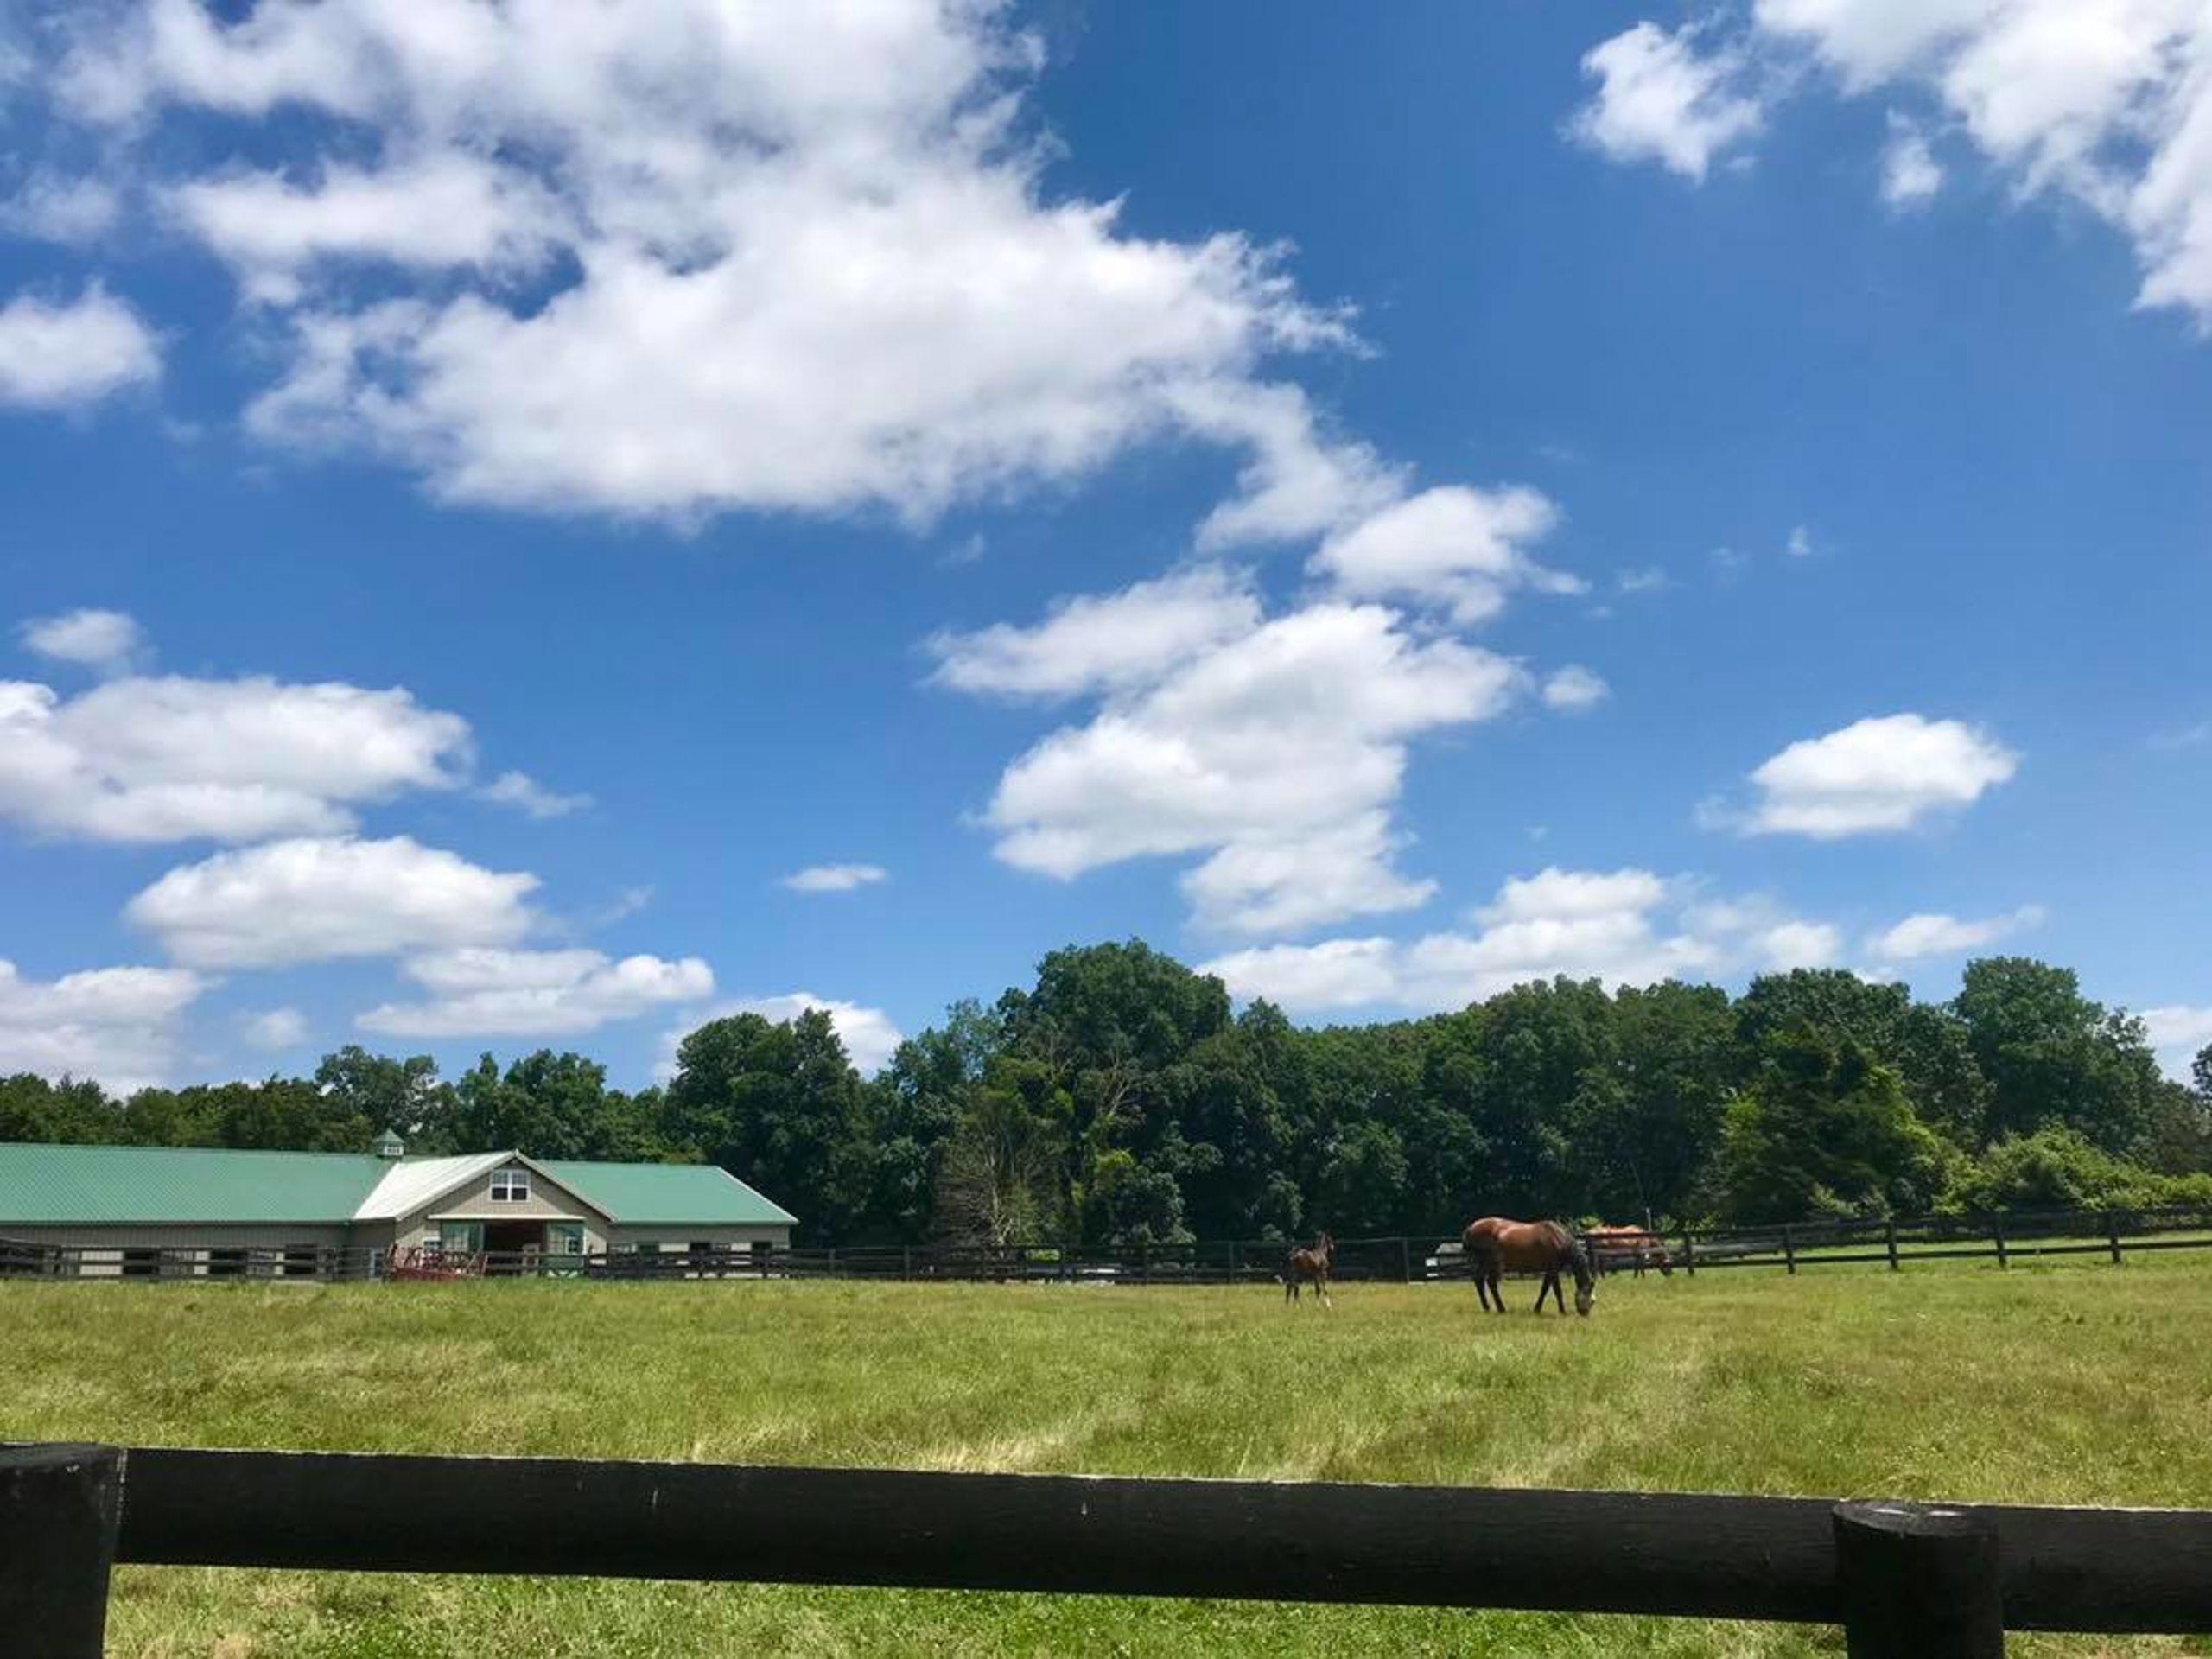 Horse Property / Equestrian Facilities